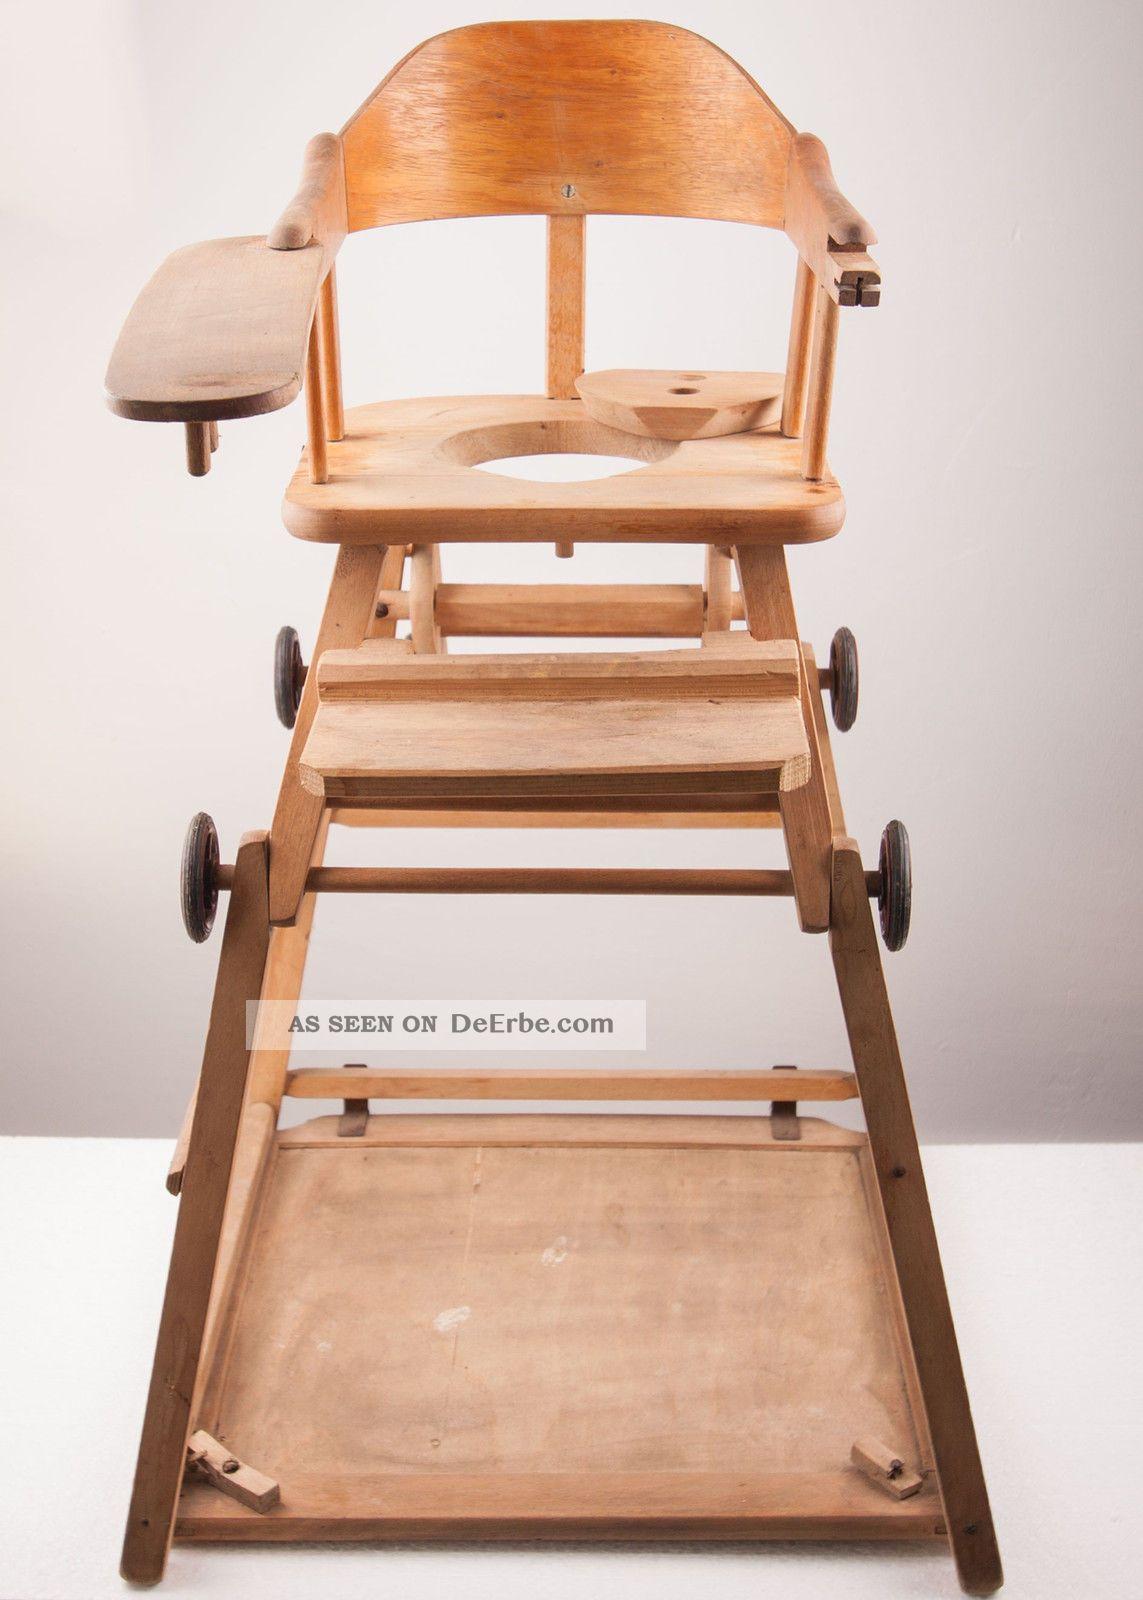 alter kinderstuhl babystuhl hochstuhl klappstuhl stuhl mit spieltisch. Black Bedroom Furniture Sets. Home Design Ideas